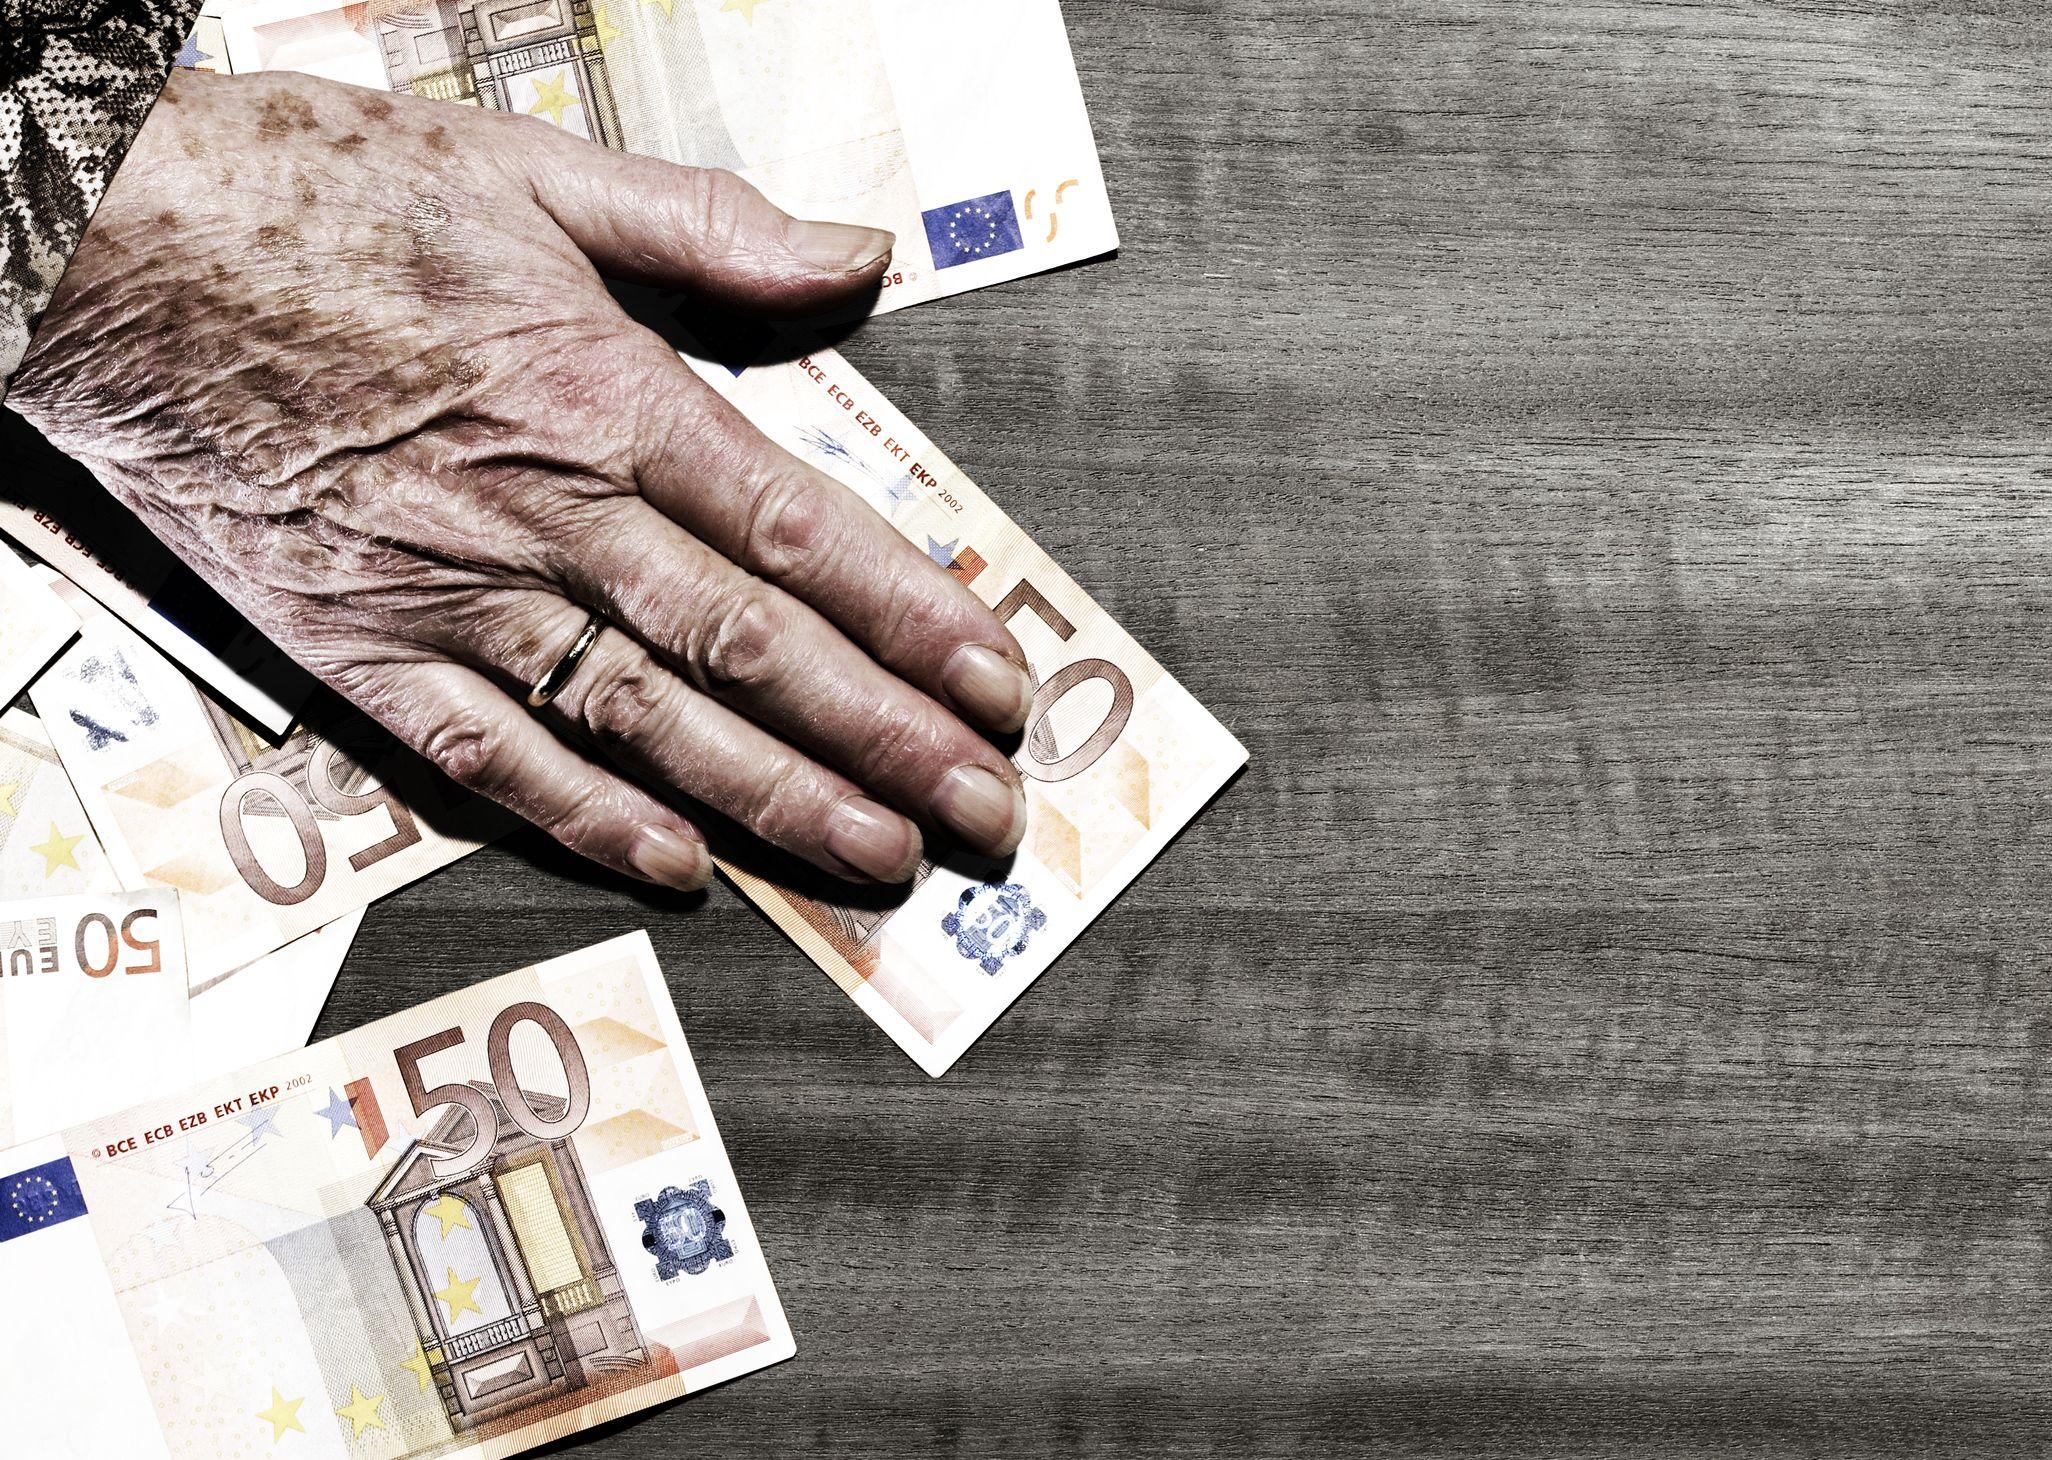 Jubilación: Cumplo 60 años: qué puedo hacer para adelantar mi jubilación | Autor del artículo: Esther García López